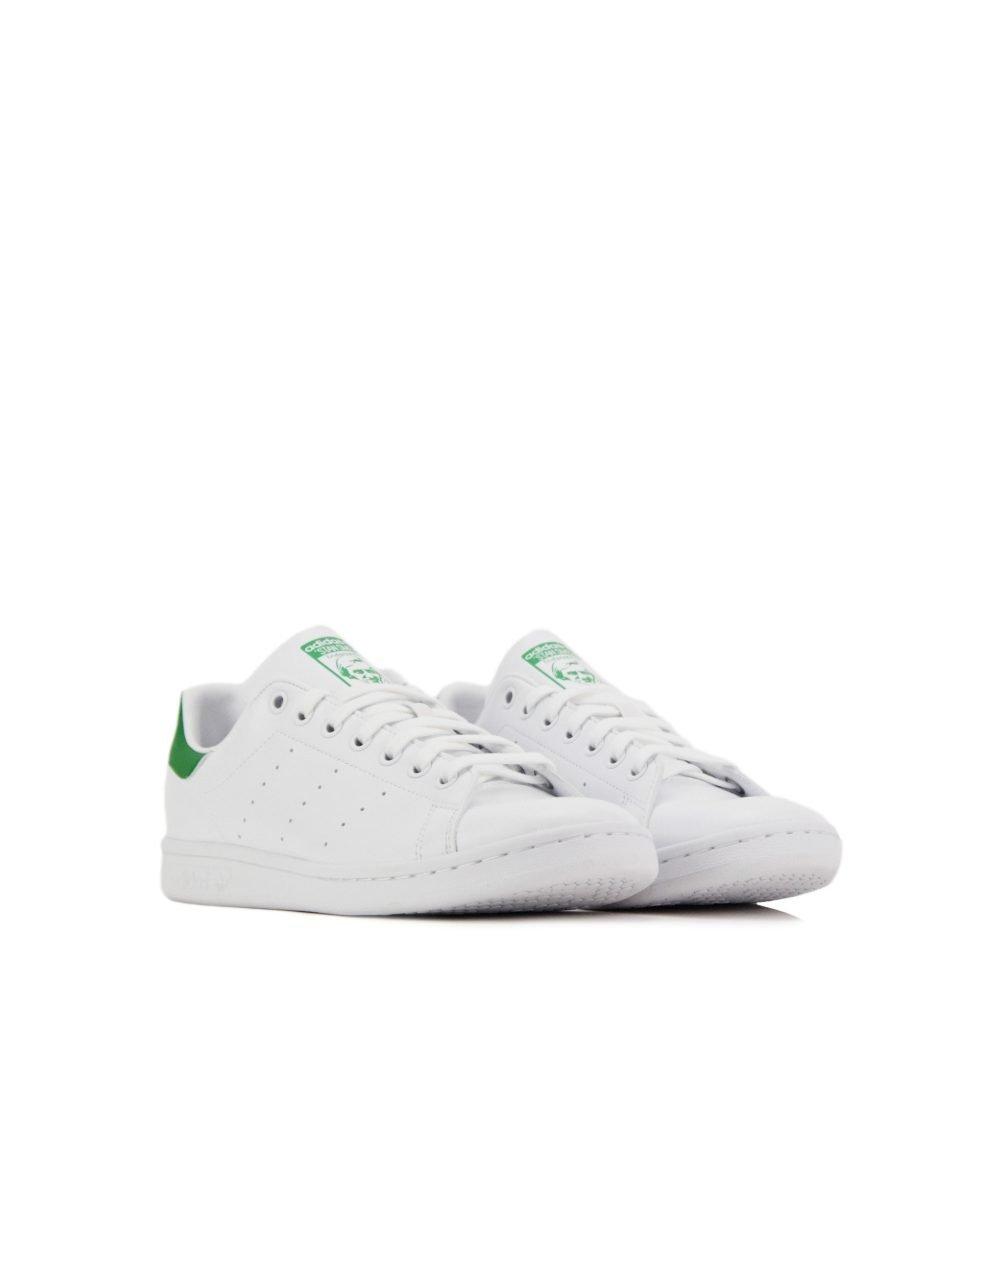 Adidas Stan Smith (FX5502) White/White/Green